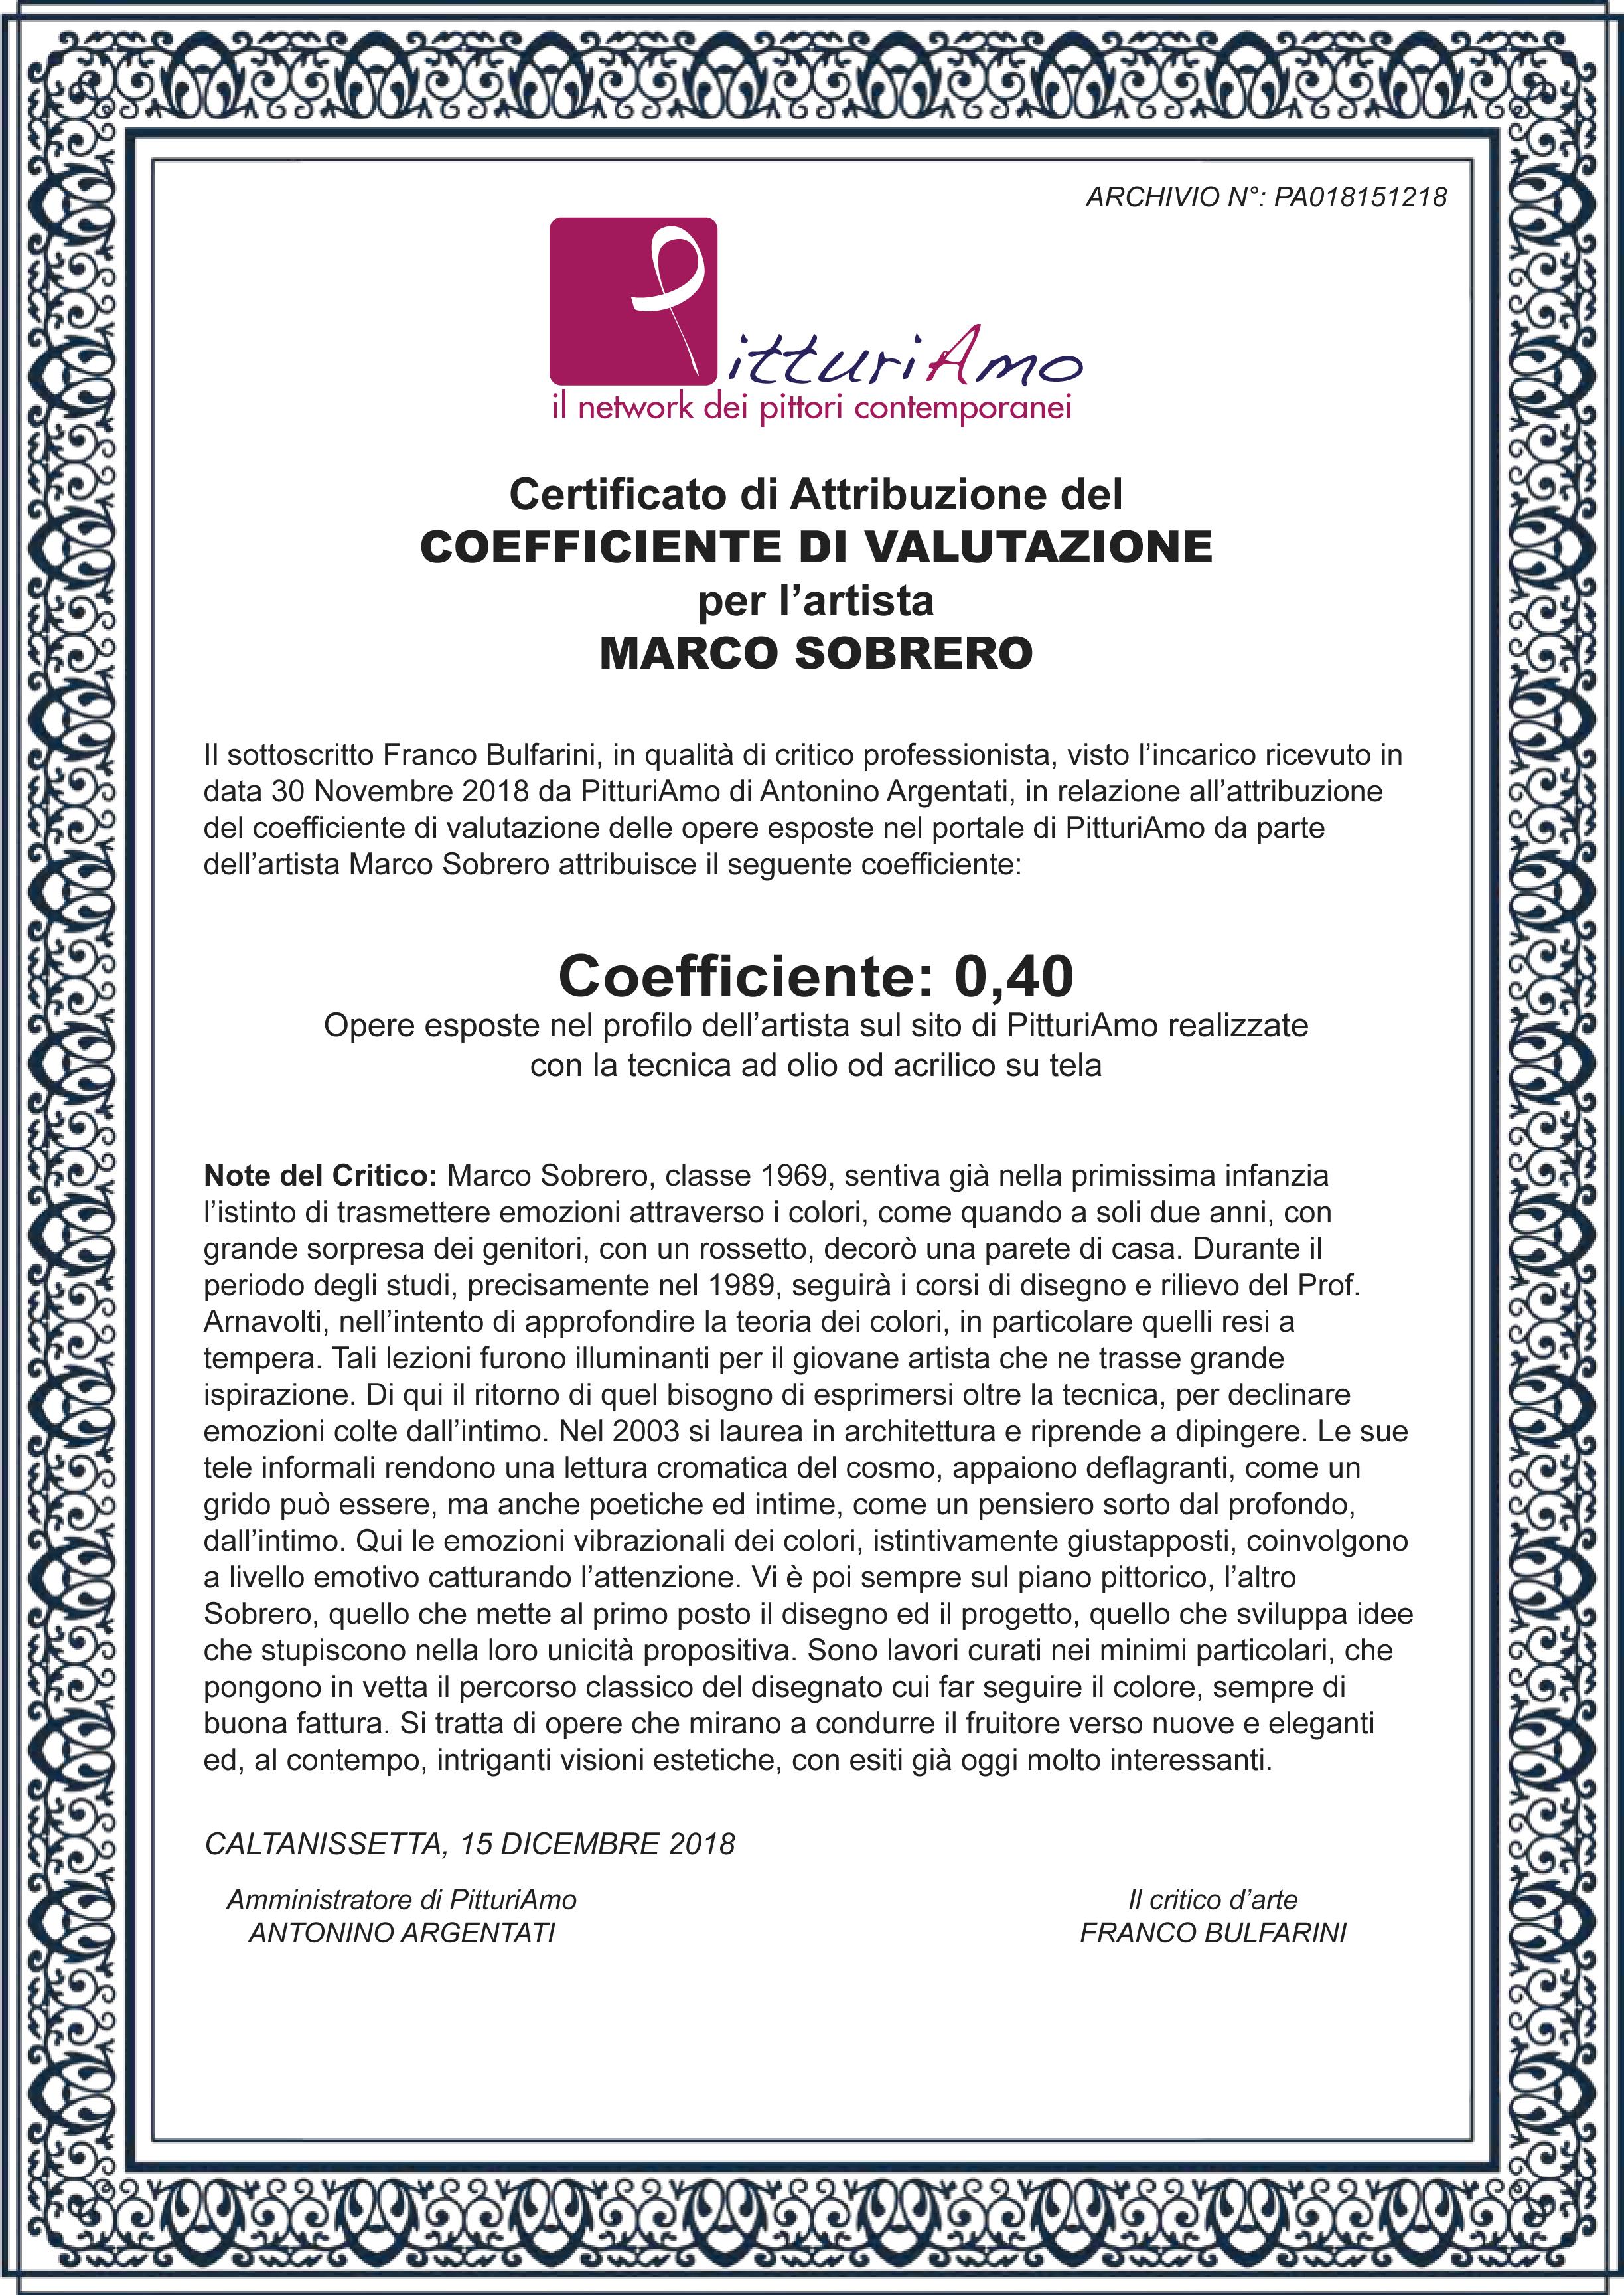 Coefficiente di valutazione artistica di Marco Sobrero